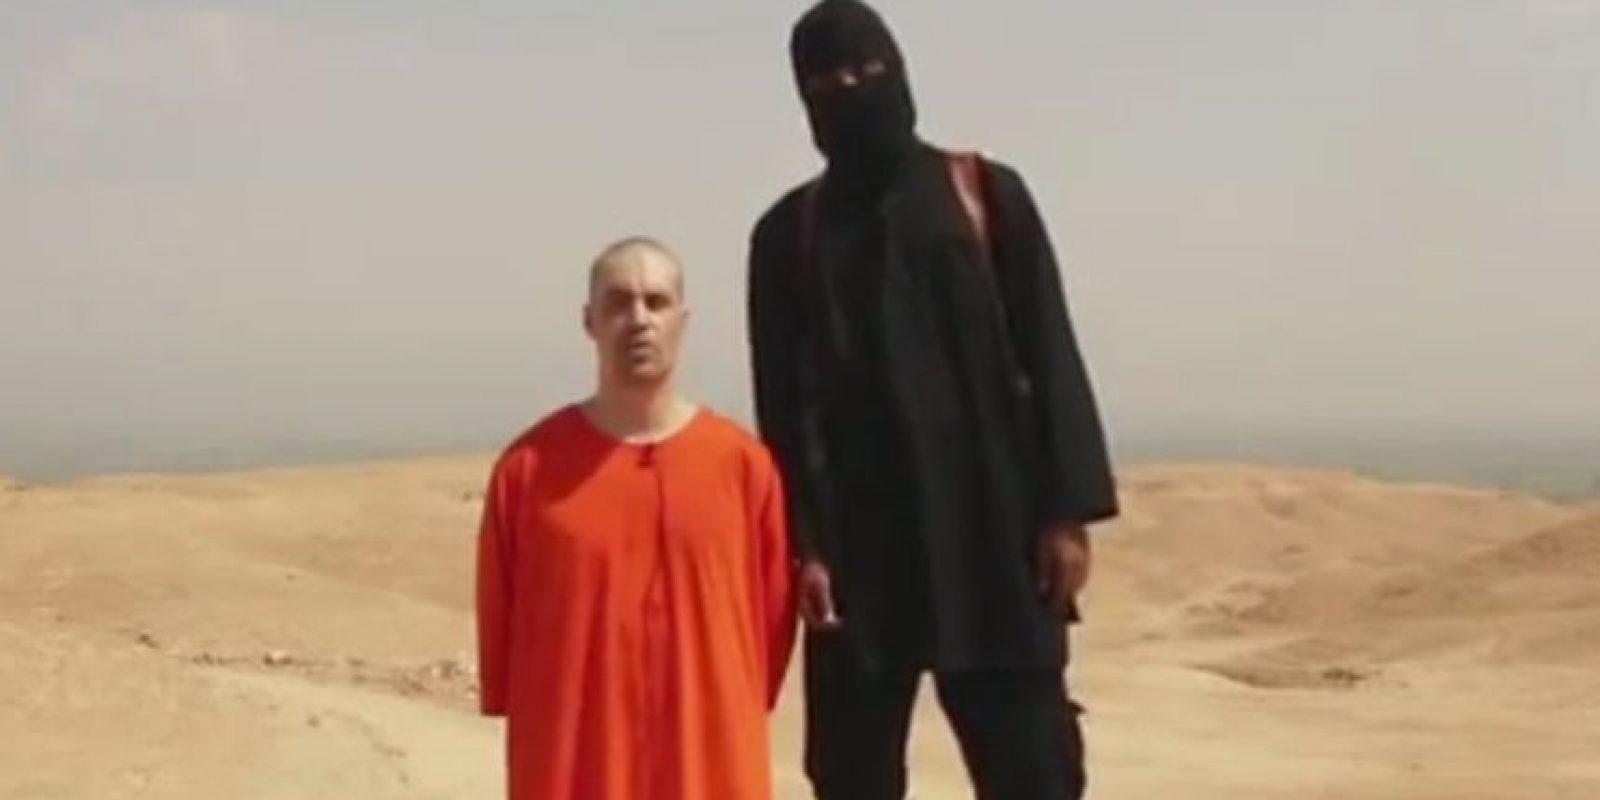 El periodistas estadounidense James Foley. Foto:AP. Imagen Por: